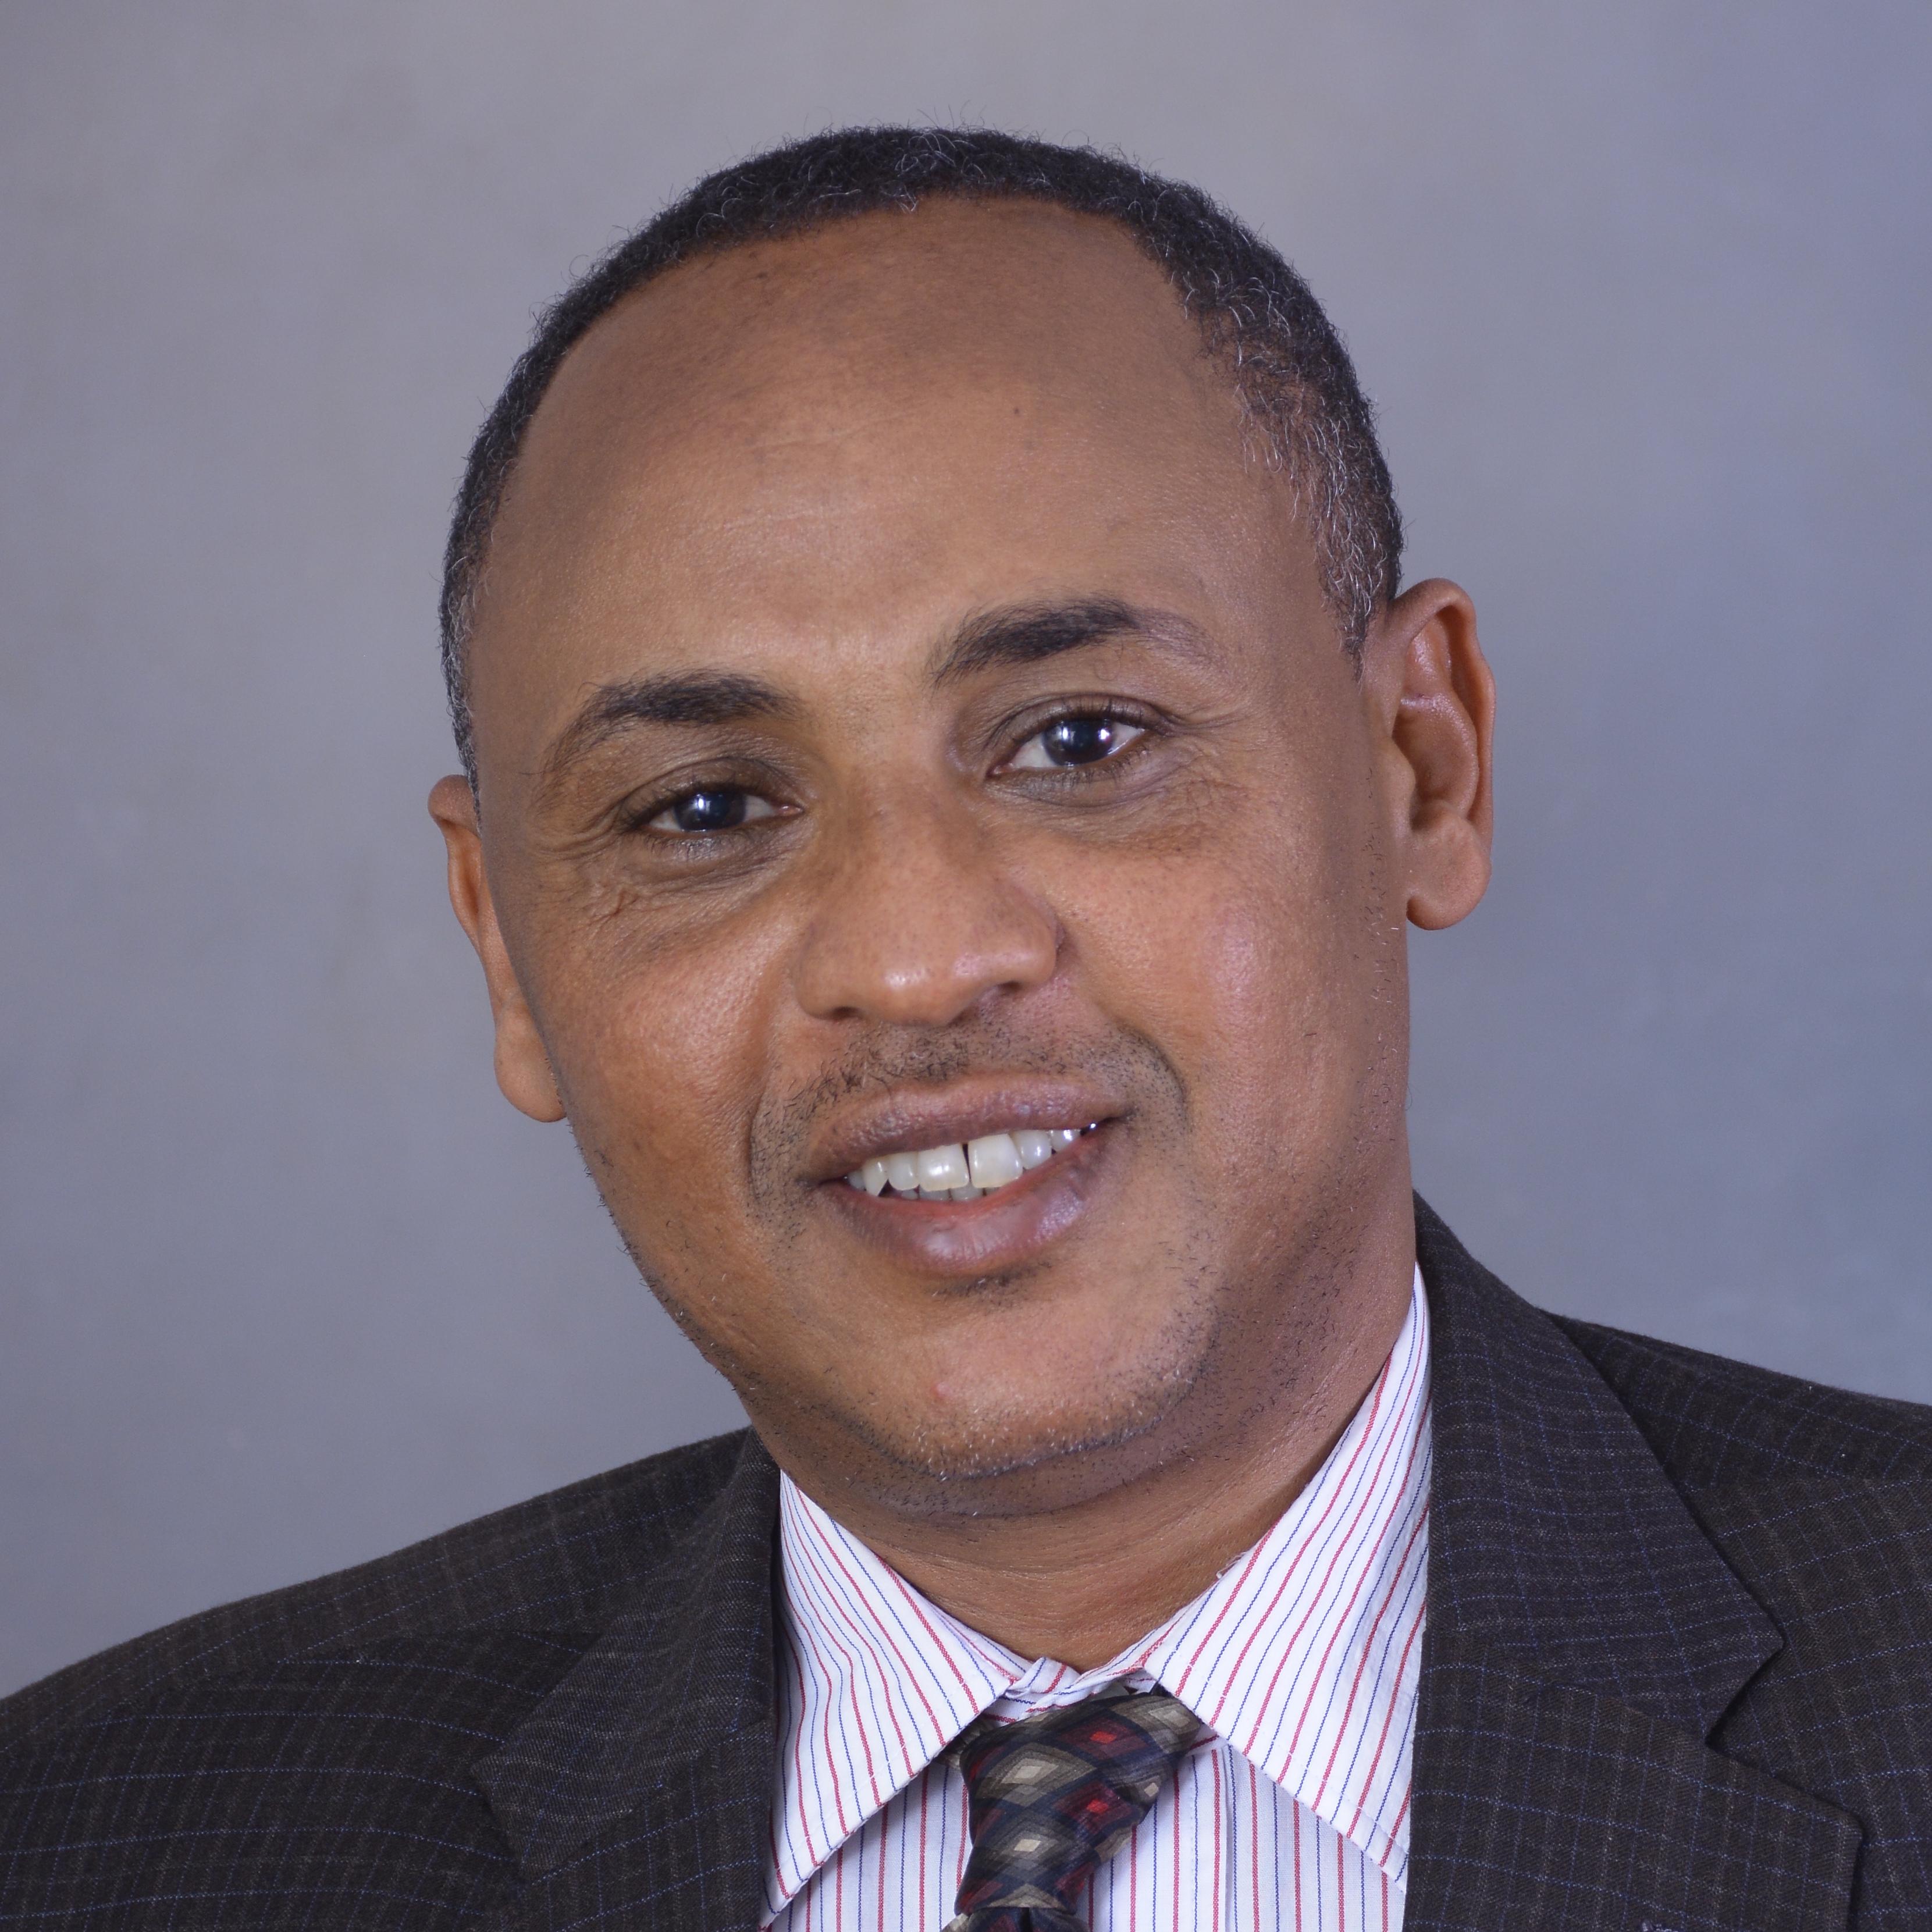 Alemayehu Wassie Eshete